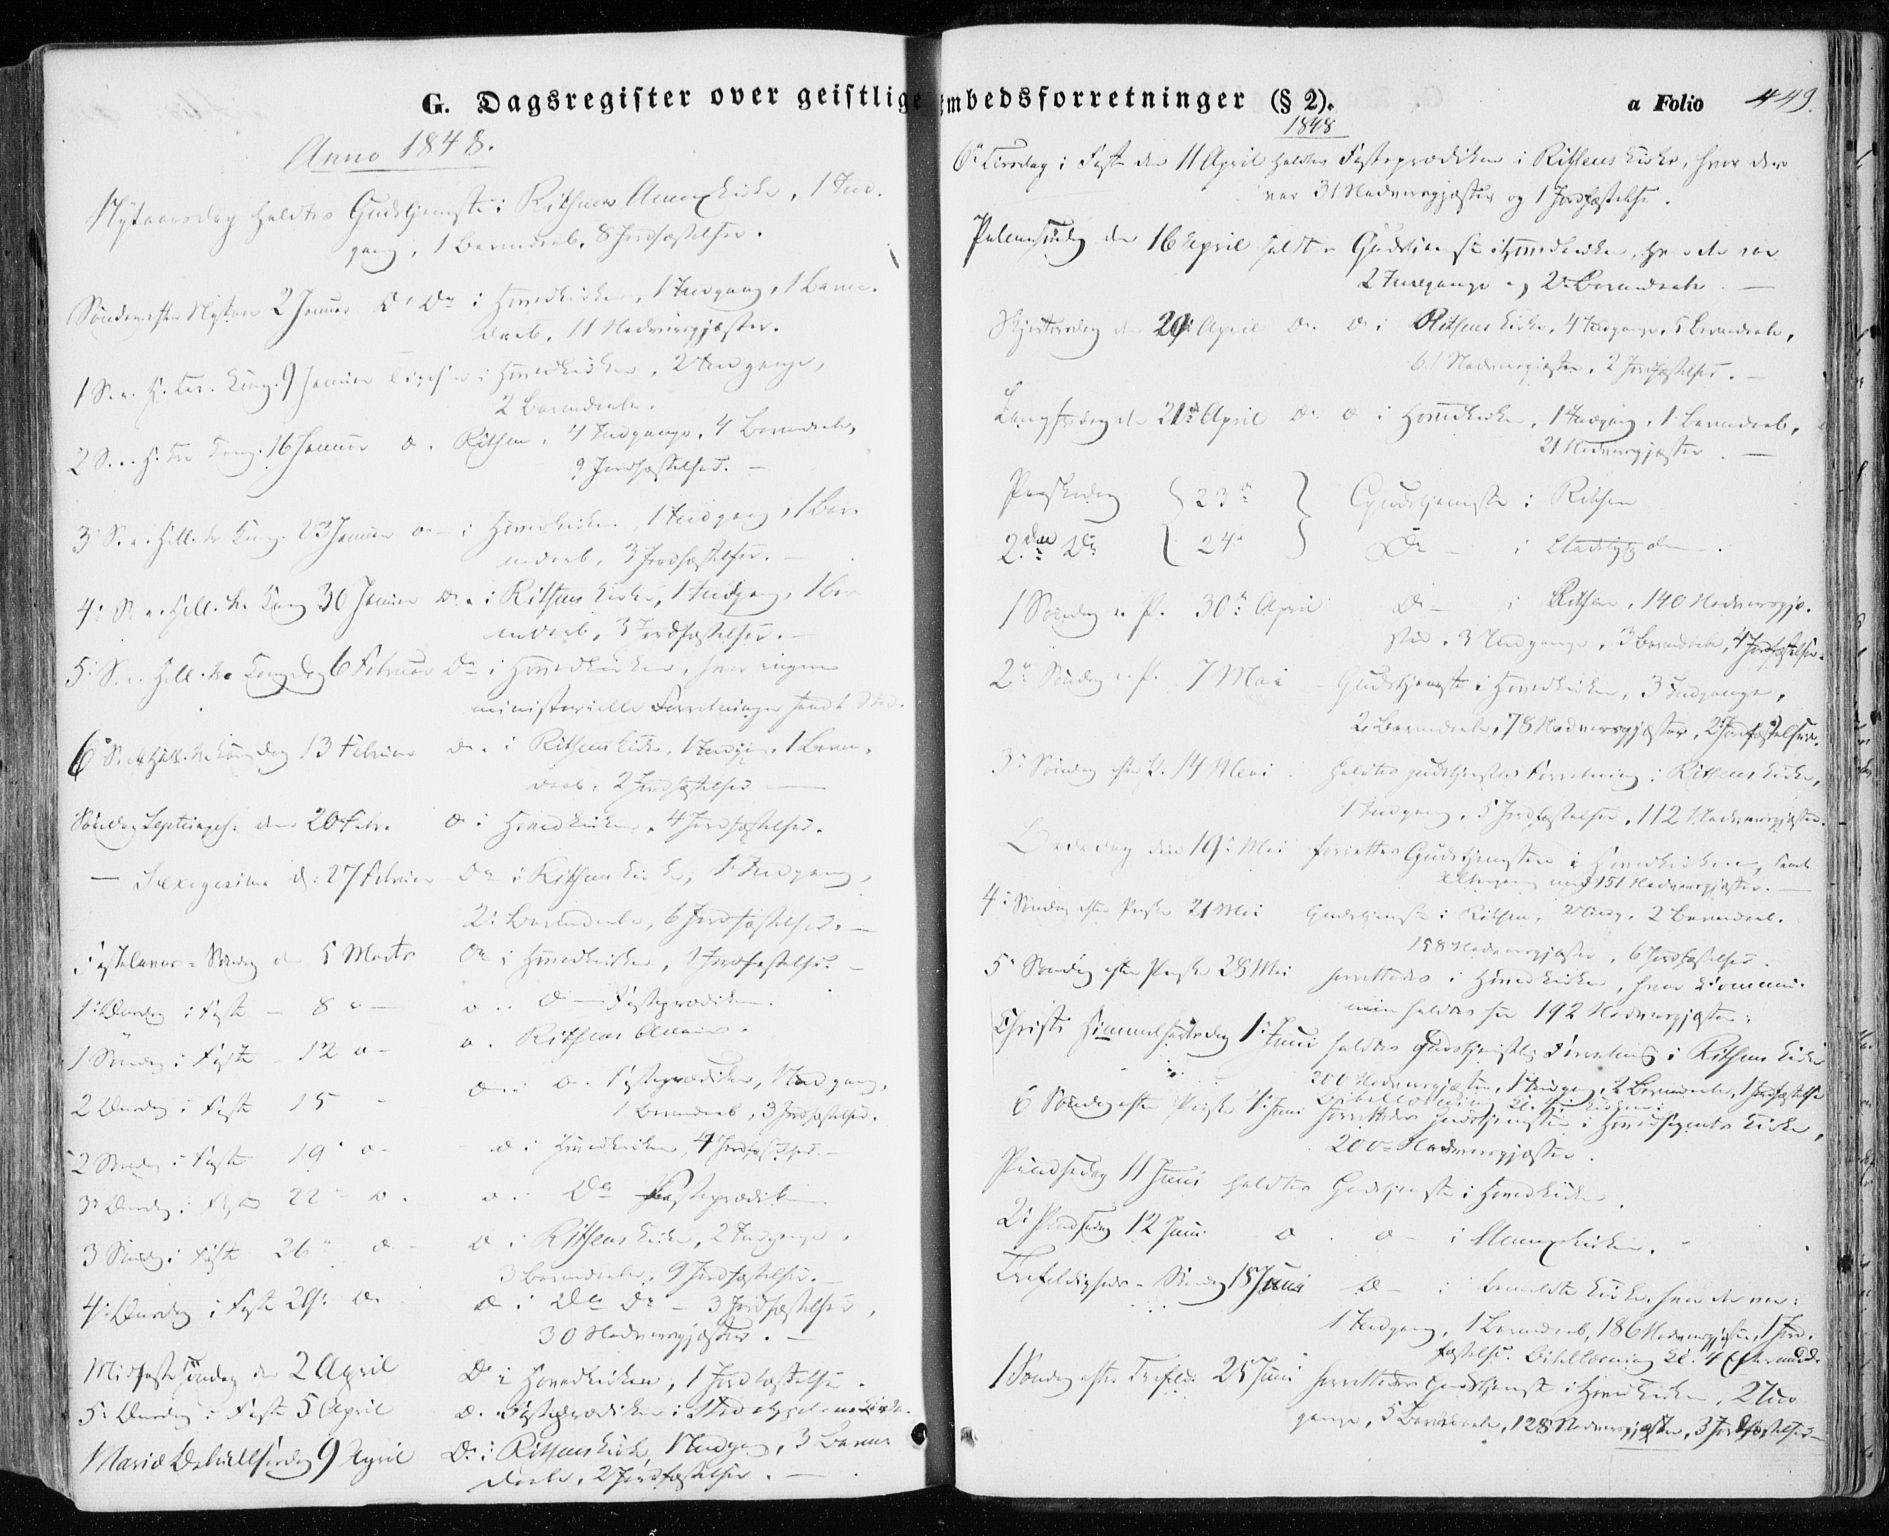 SAT, Ministerialprotokoller, klokkerbøker og fødselsregistre - Sør-Trøndelag, 646/L0611: Ministerialbok nr. 646A09, 1848-1857, s. 449